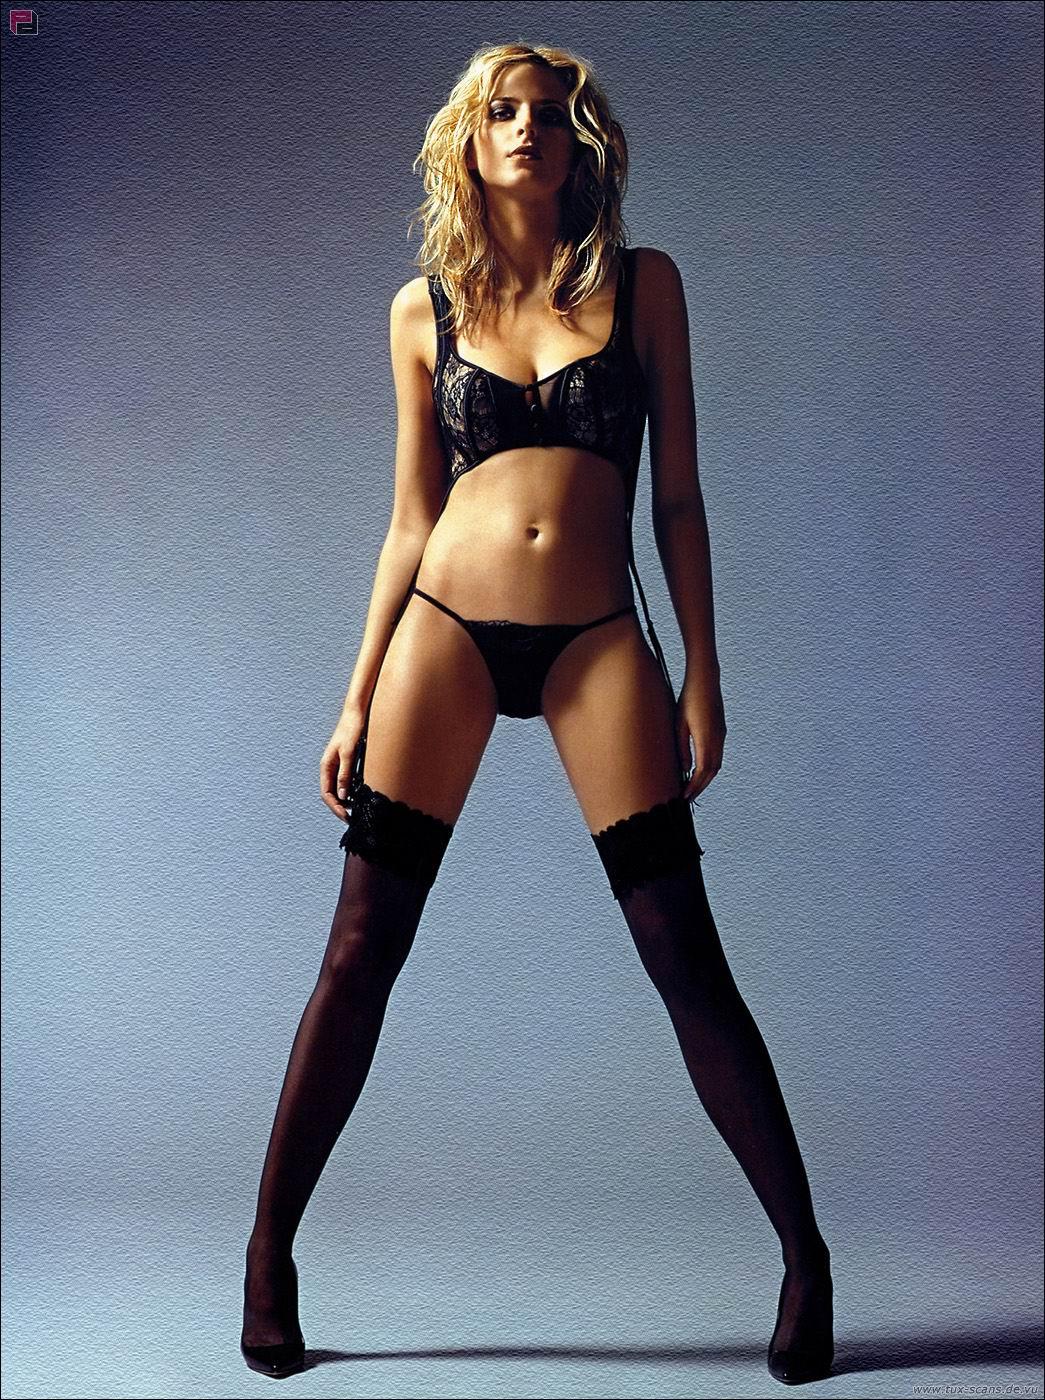 EVA PADBERG (Ева Падберг) - одна из лучших немецких моделей (фото)